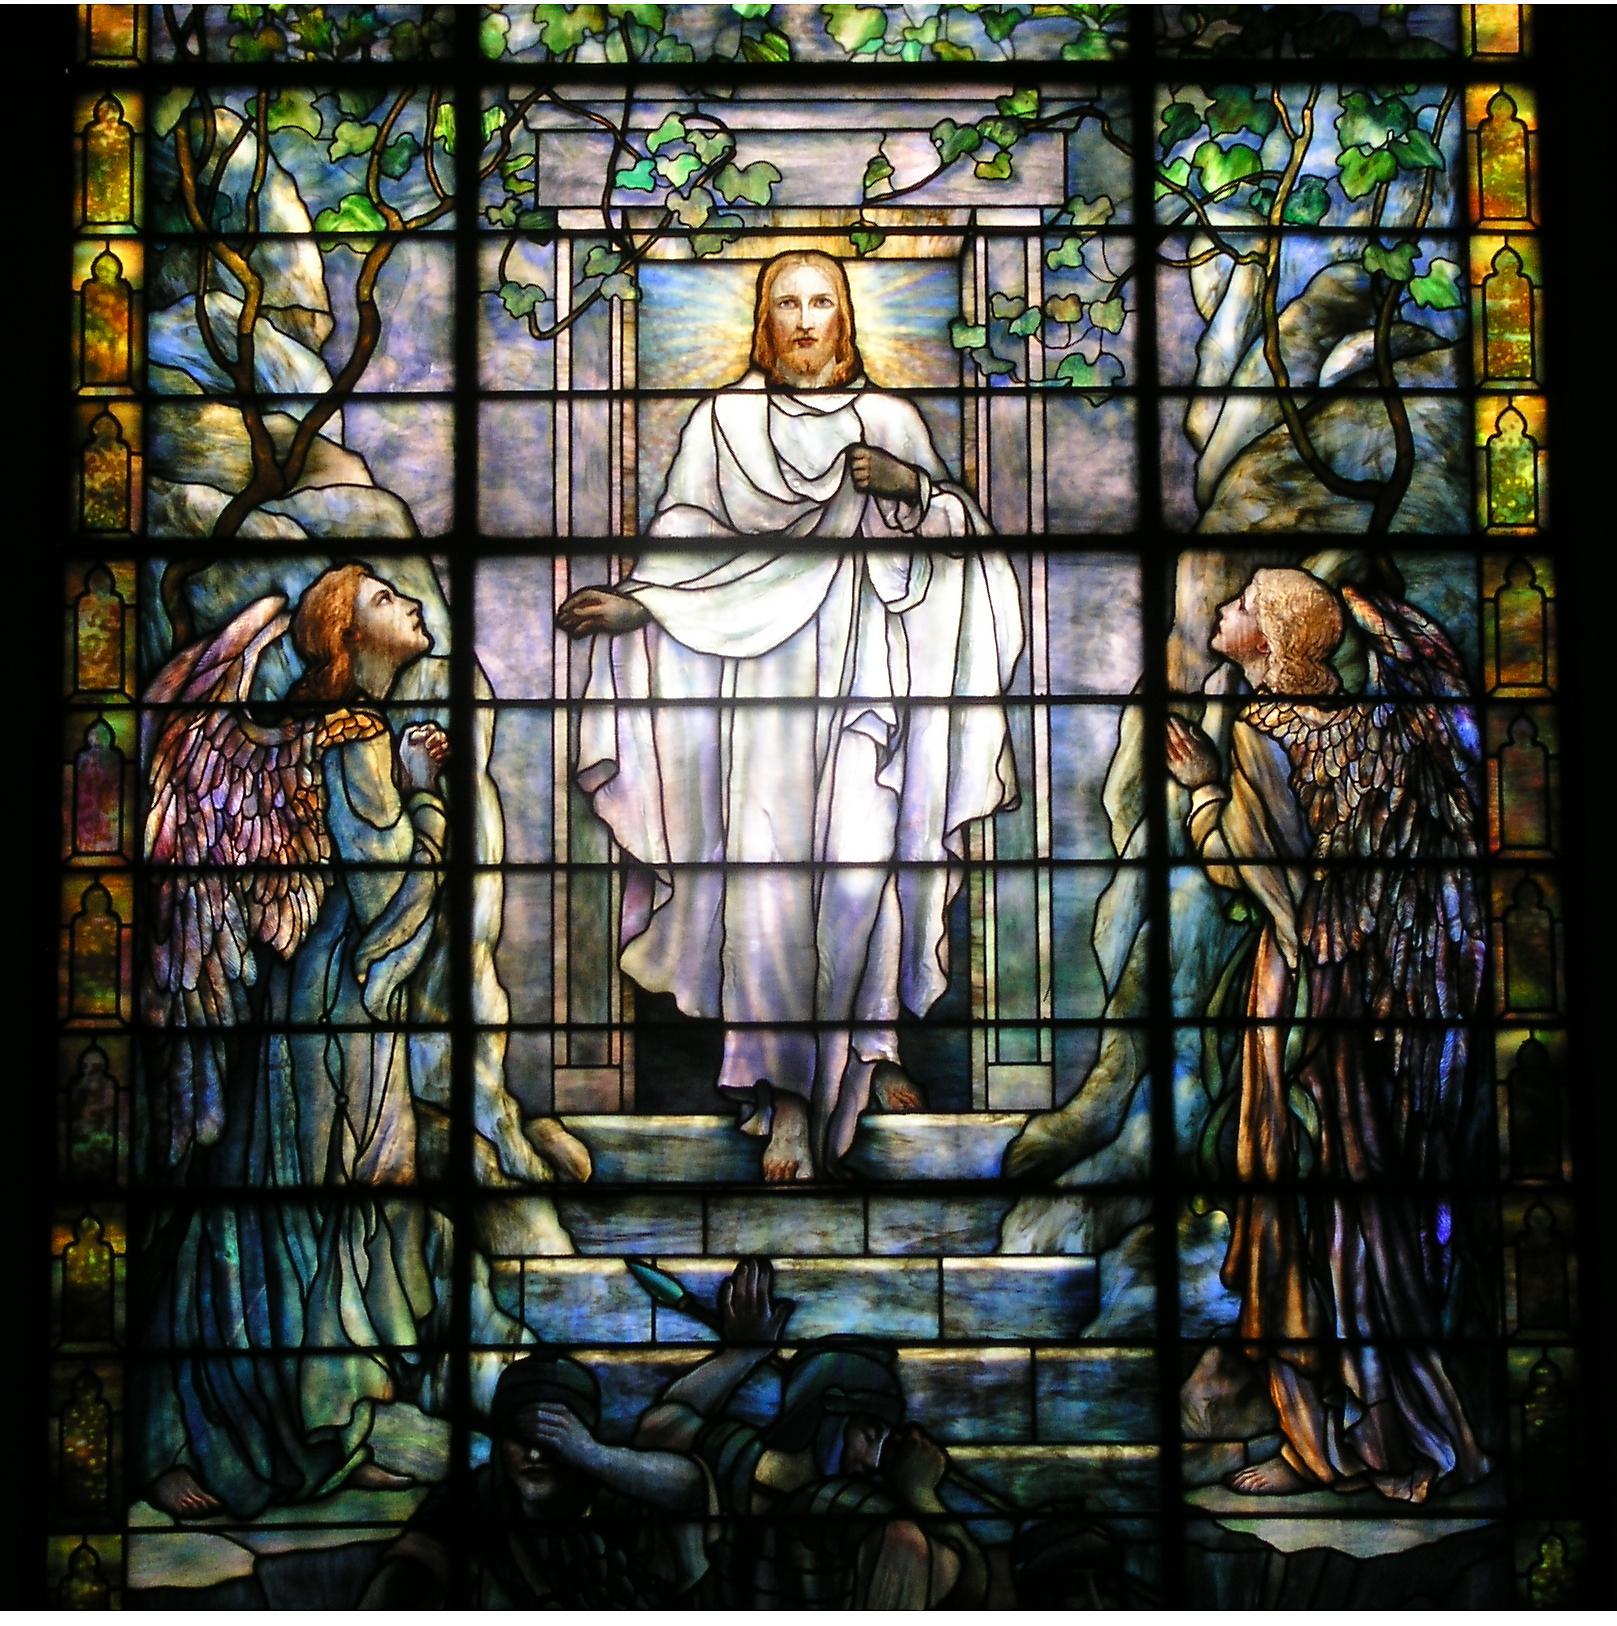 Tiffany Stained Glass : Tiffany window calvary umc encyclopedia of greater